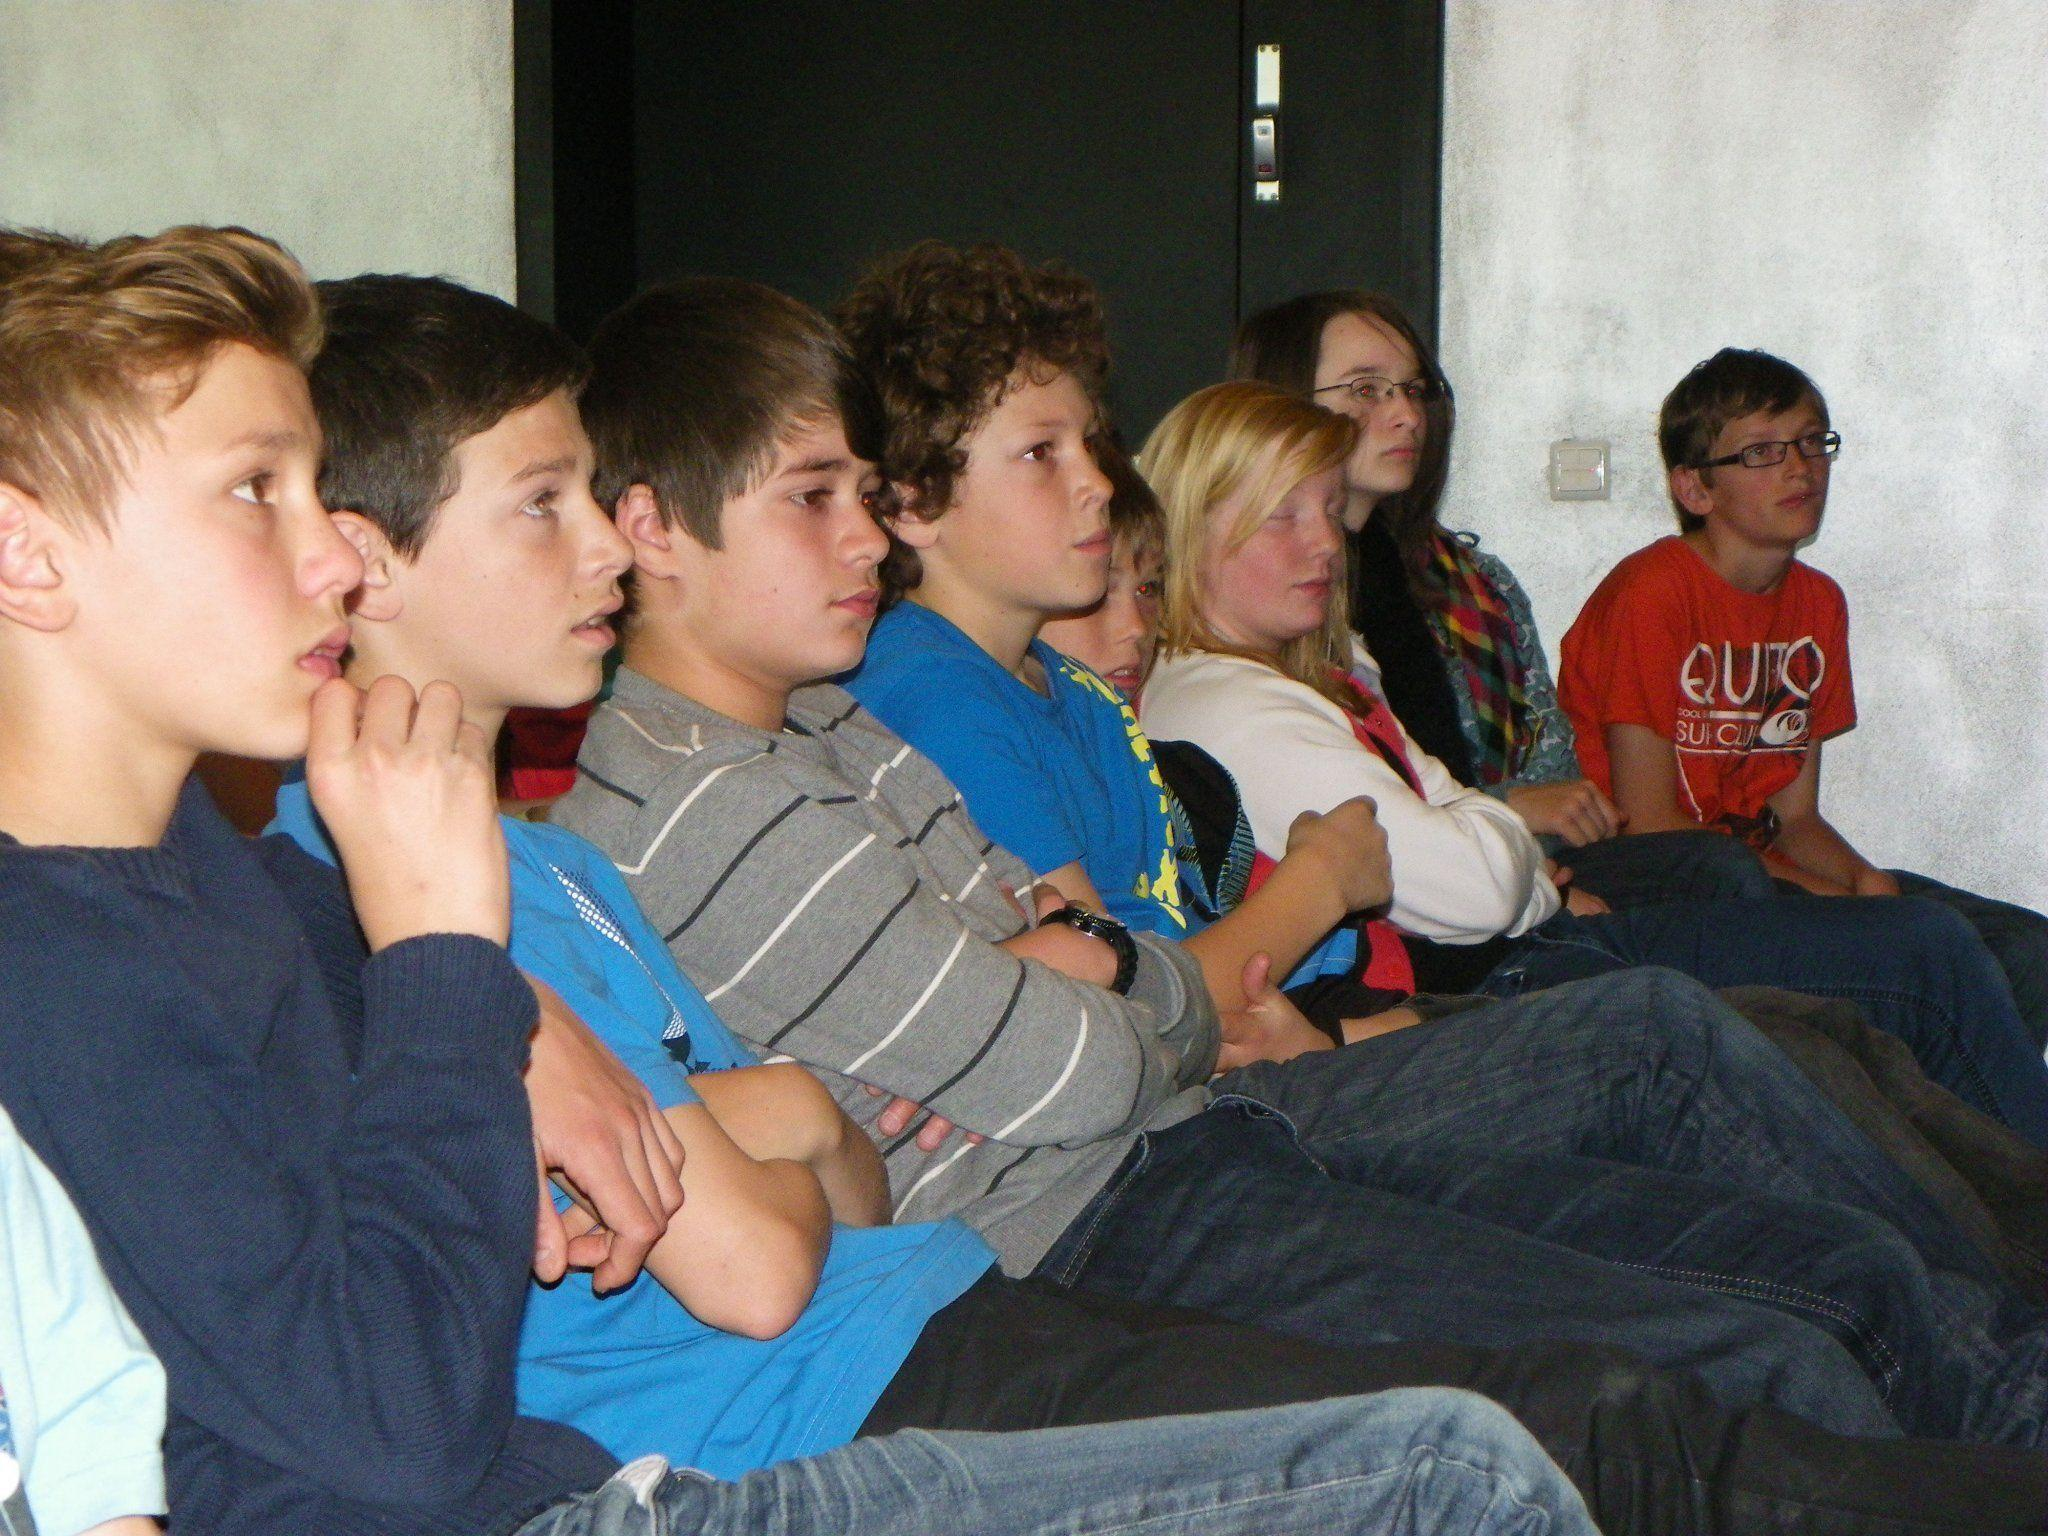 Gespannt lauschten die Schüler den Geschichten.